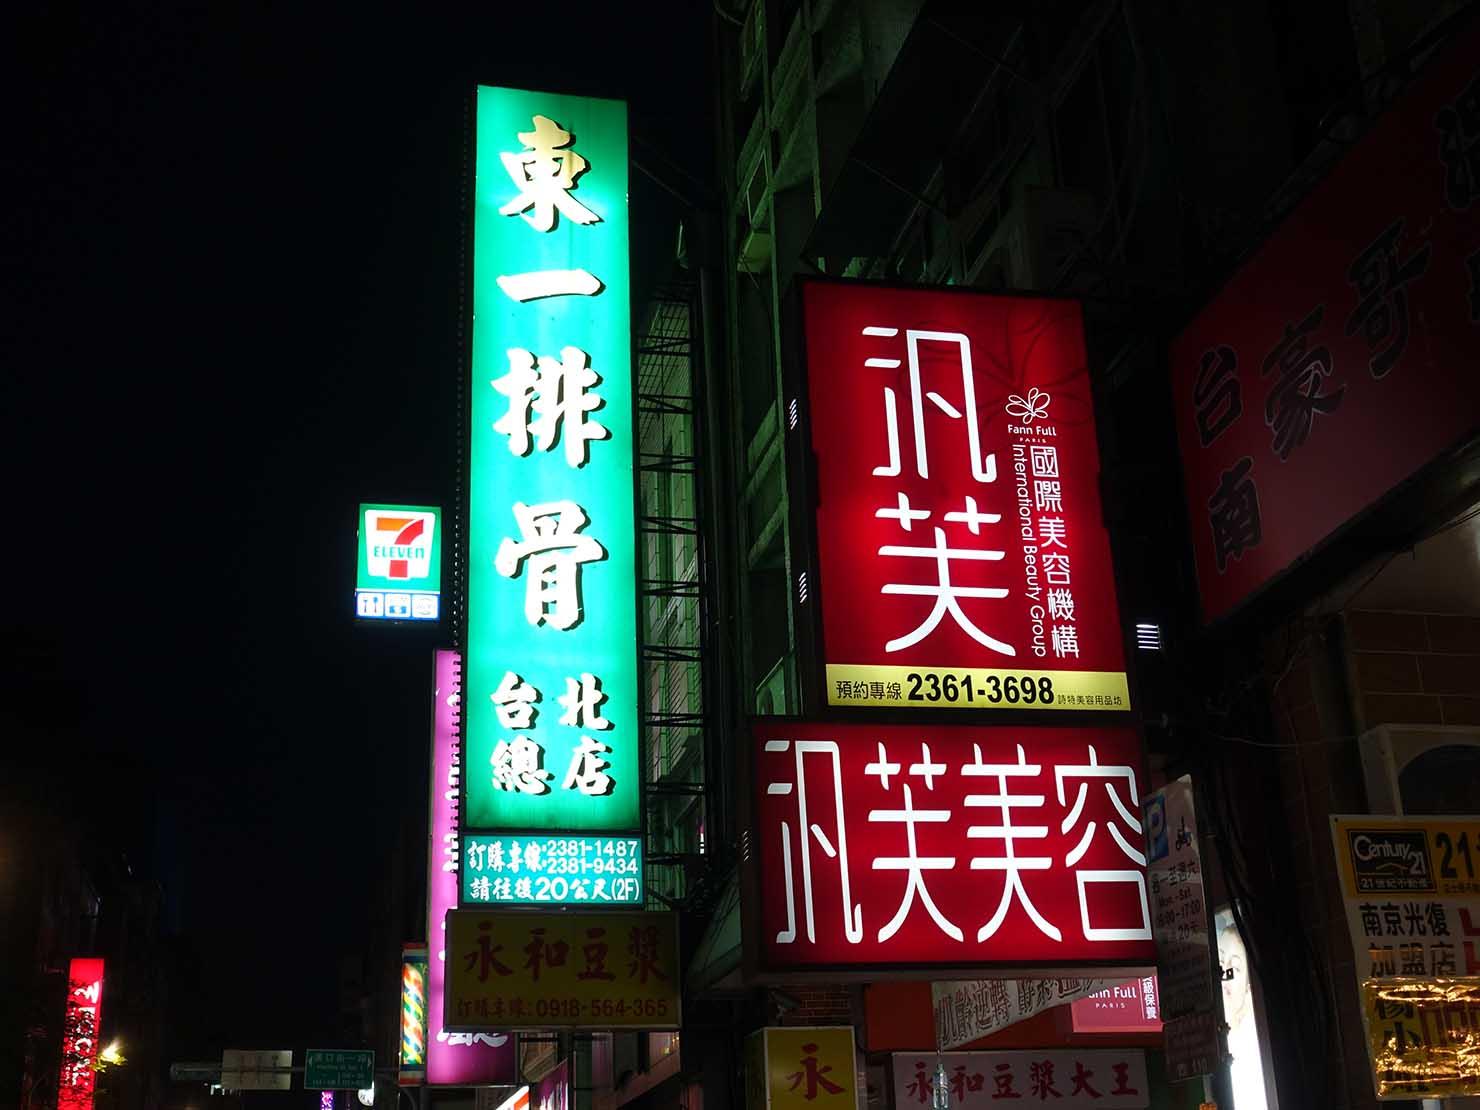 台北・西門町にある排骨飯の老舗「東一排骨總店」の看板